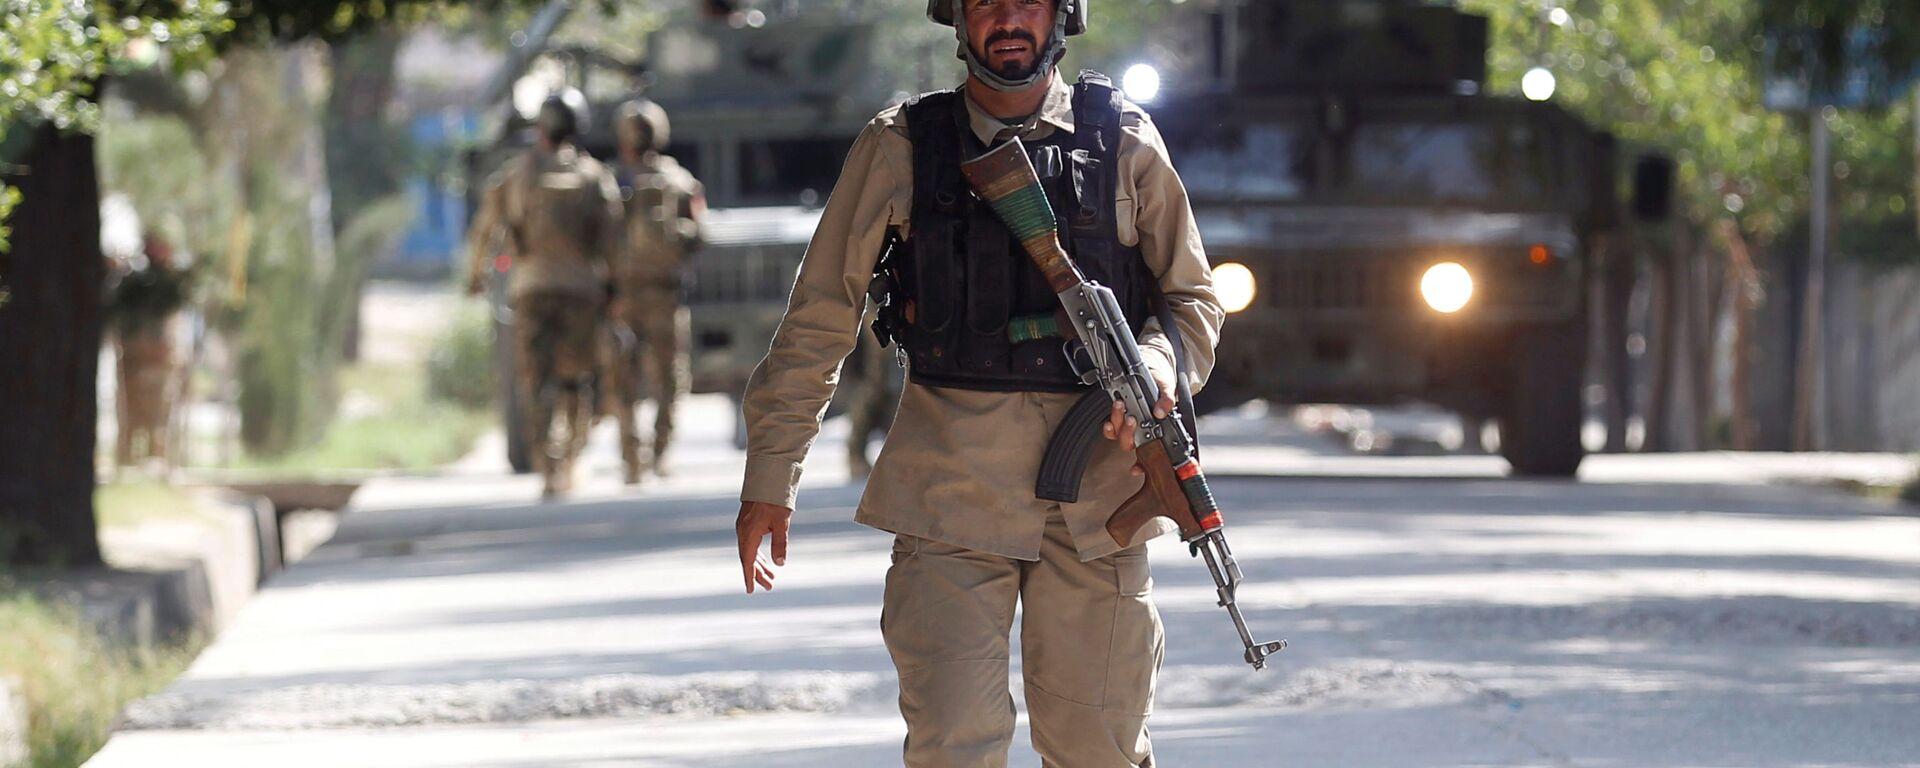 Oficer Sił Bezpieczeństwa Afganistanu na miejscu zdarzenia. Zdjęcie archiwalne - Sputnik Polska, 1920, 27.07.2021